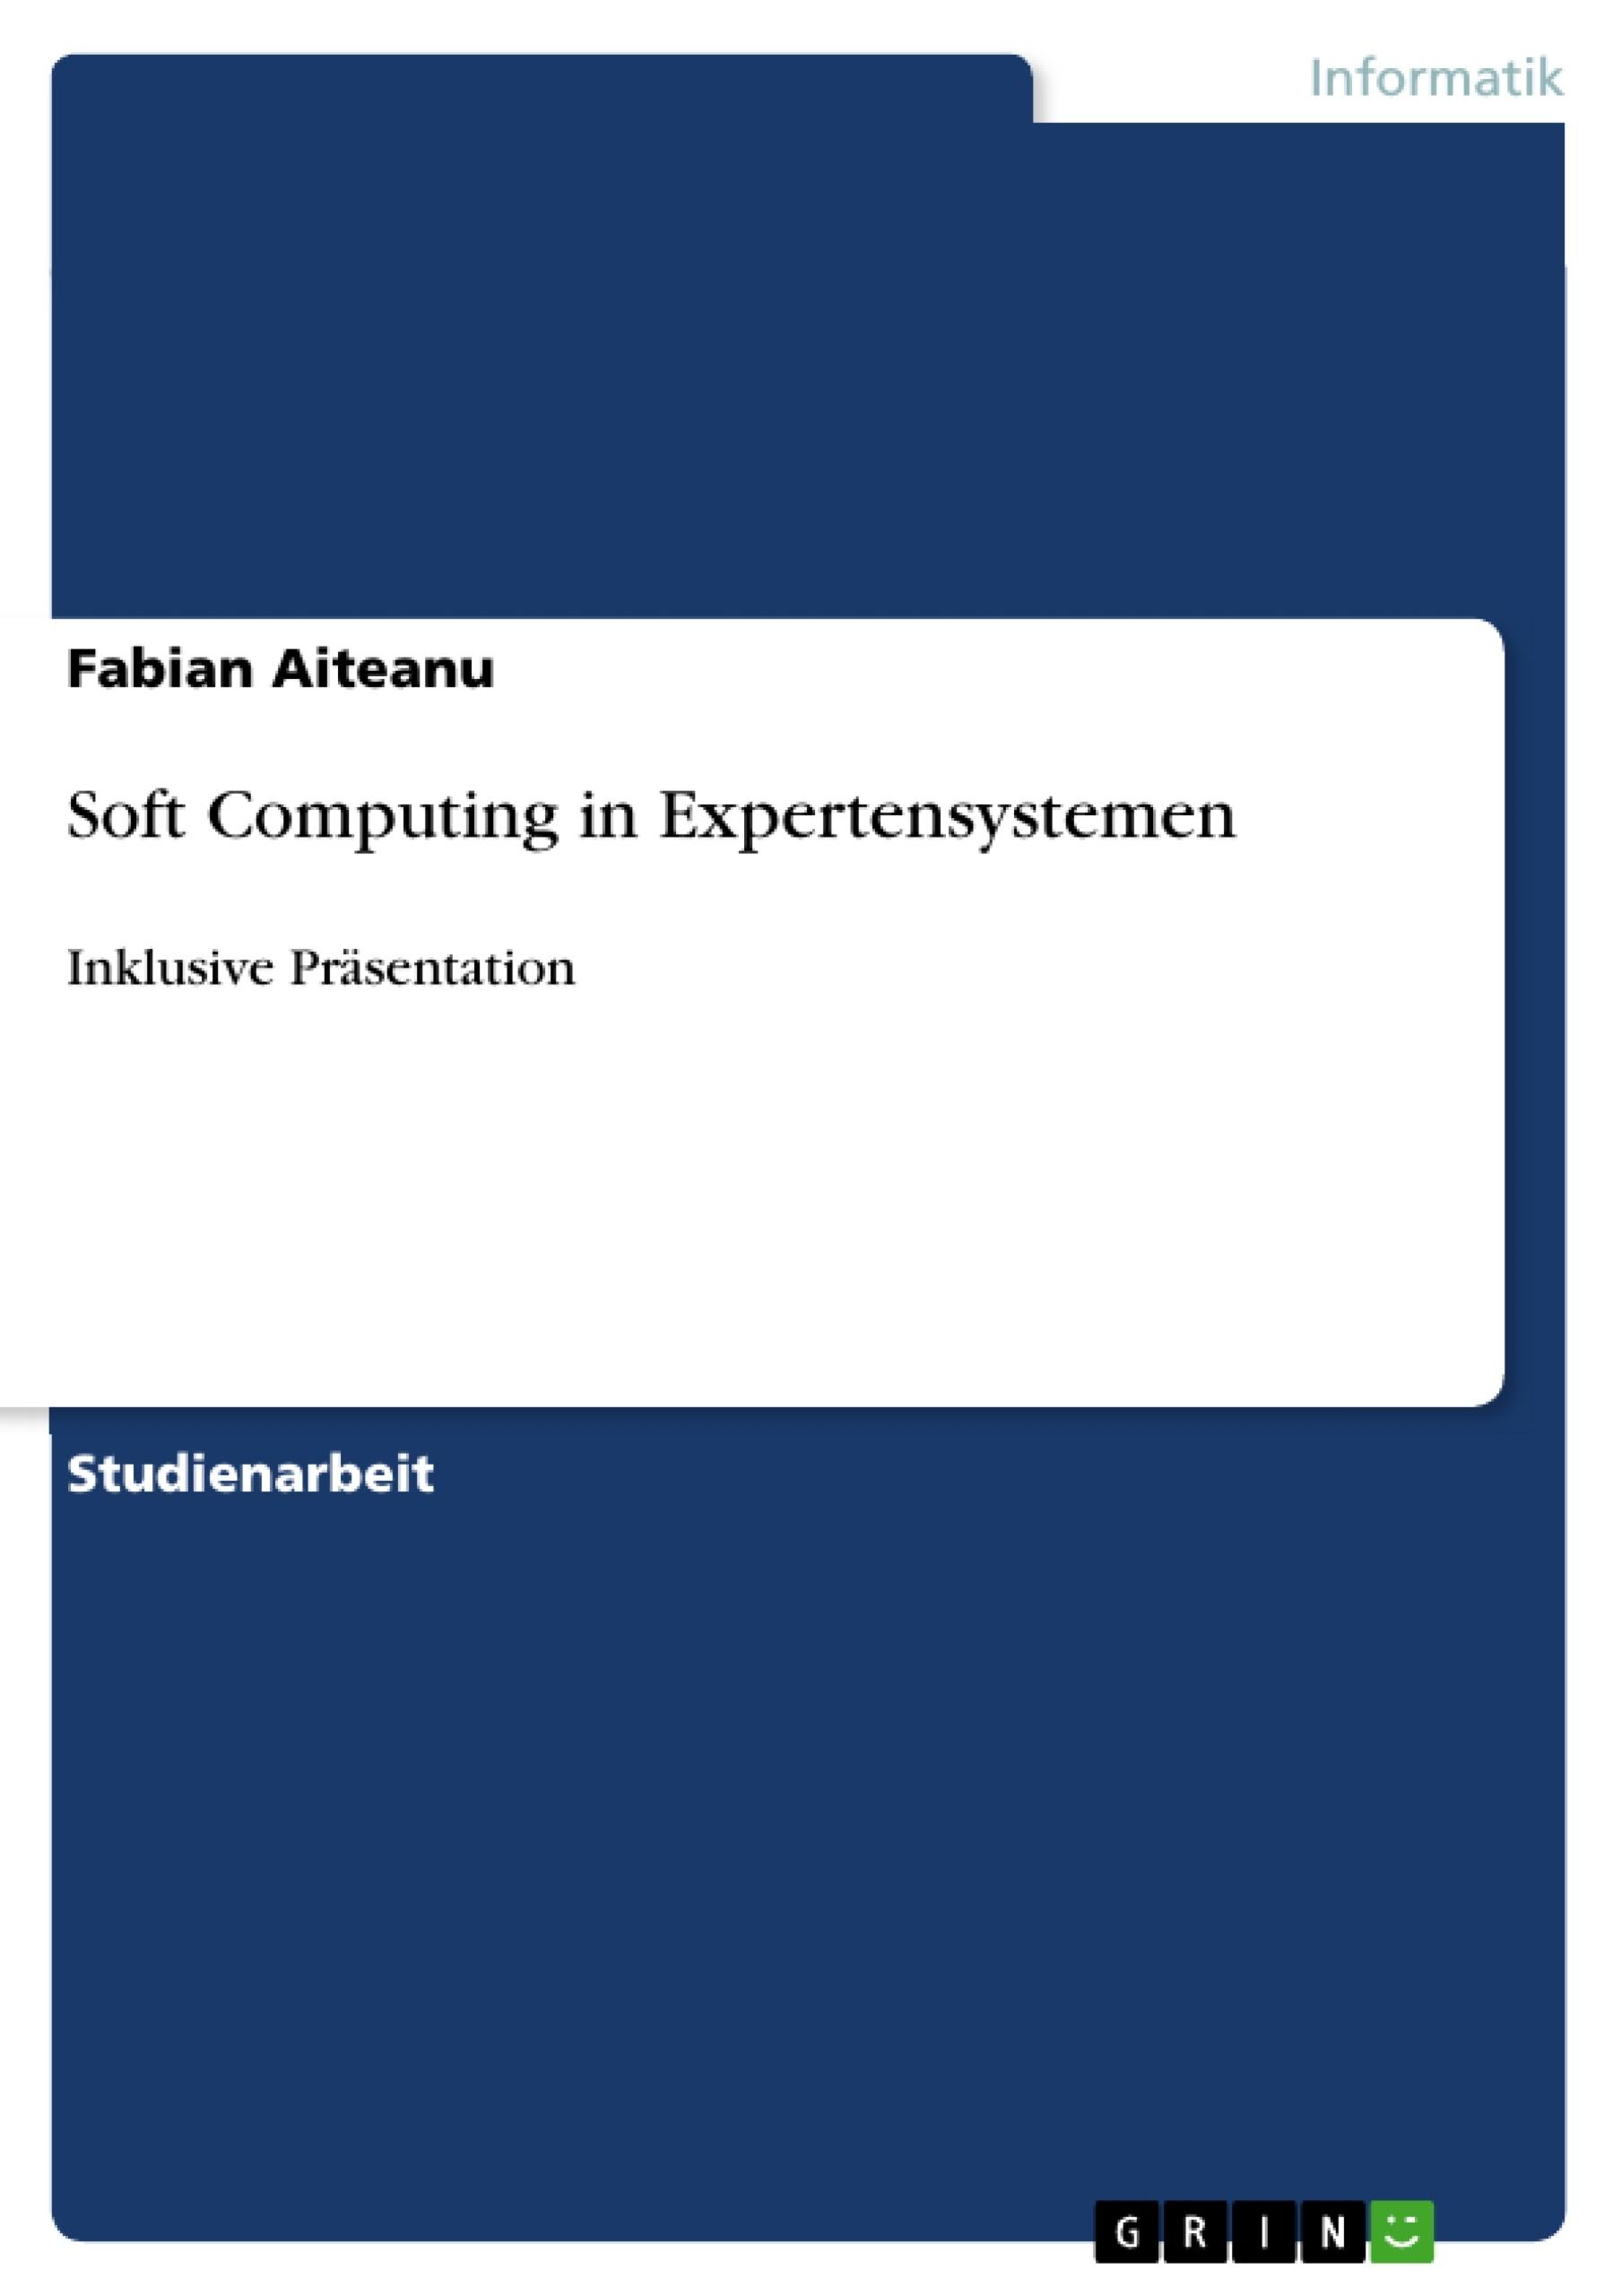 Titel: Soft Computing in Expertensystemen